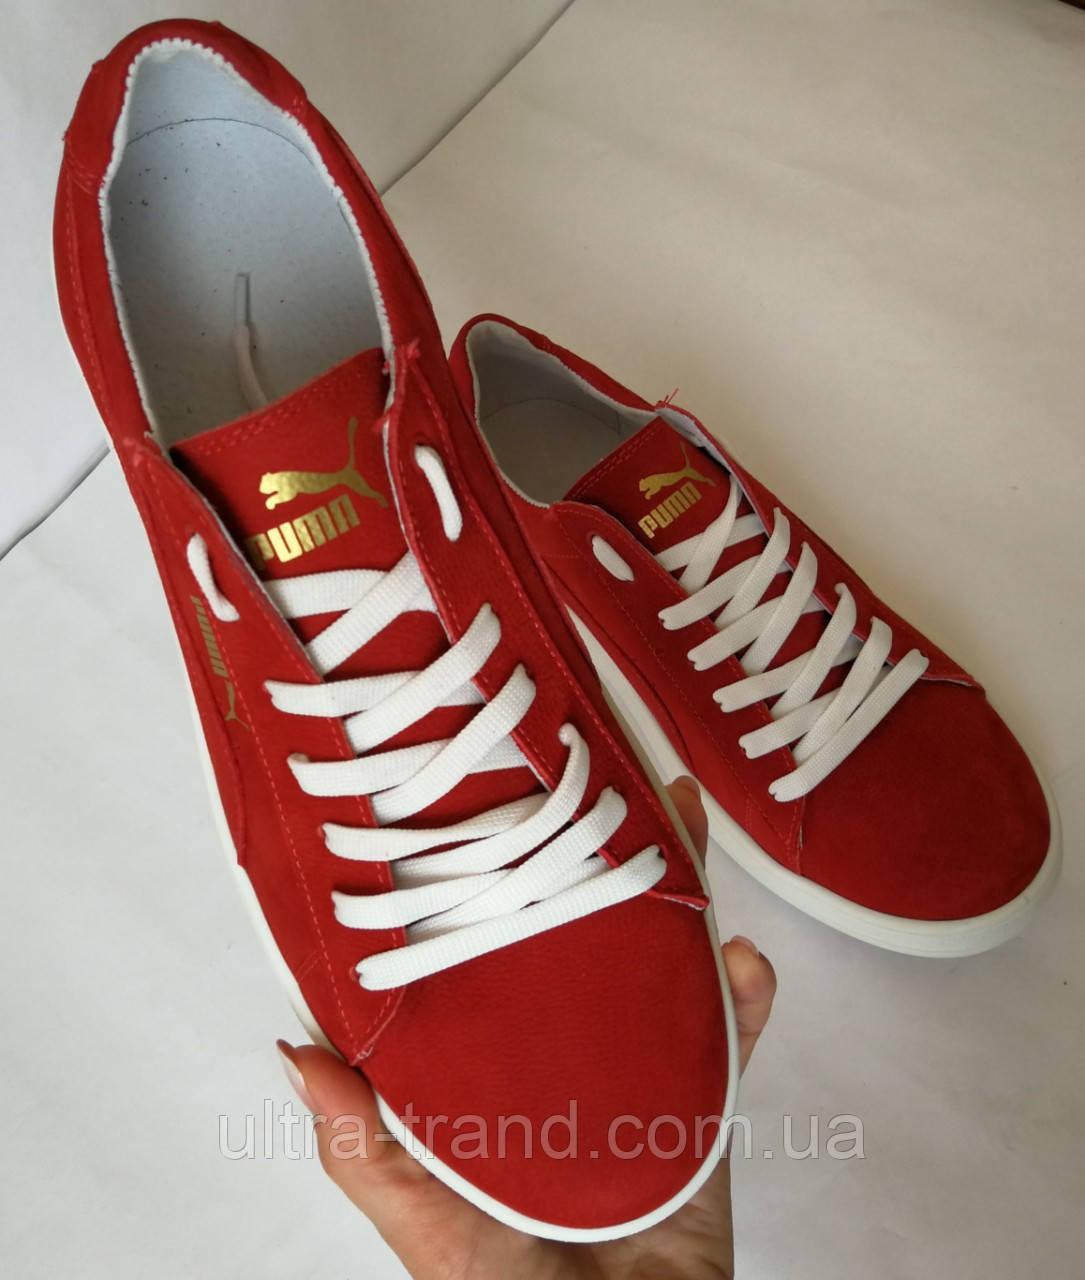 Puma classic! Мужские кроссовки кеды  натуральный нубук красного цвета Пума классик!